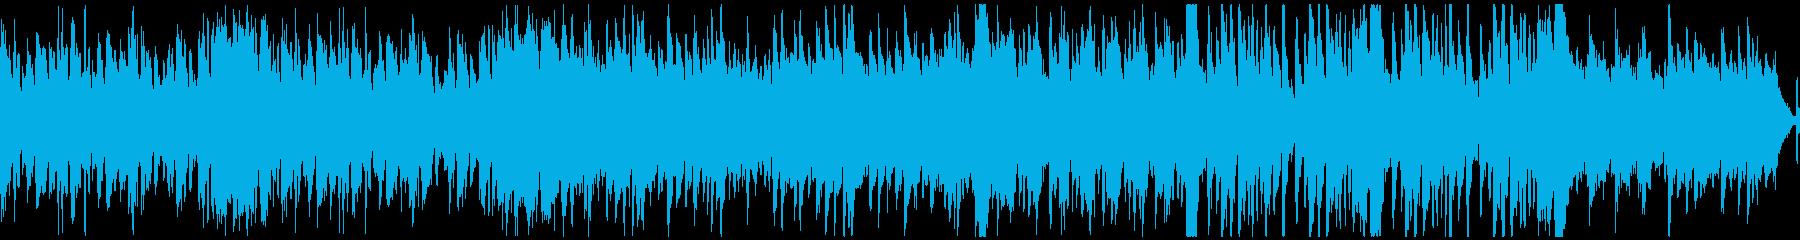 ファンシー&軽快なオーケストラ(ループ)の再生済みの波形